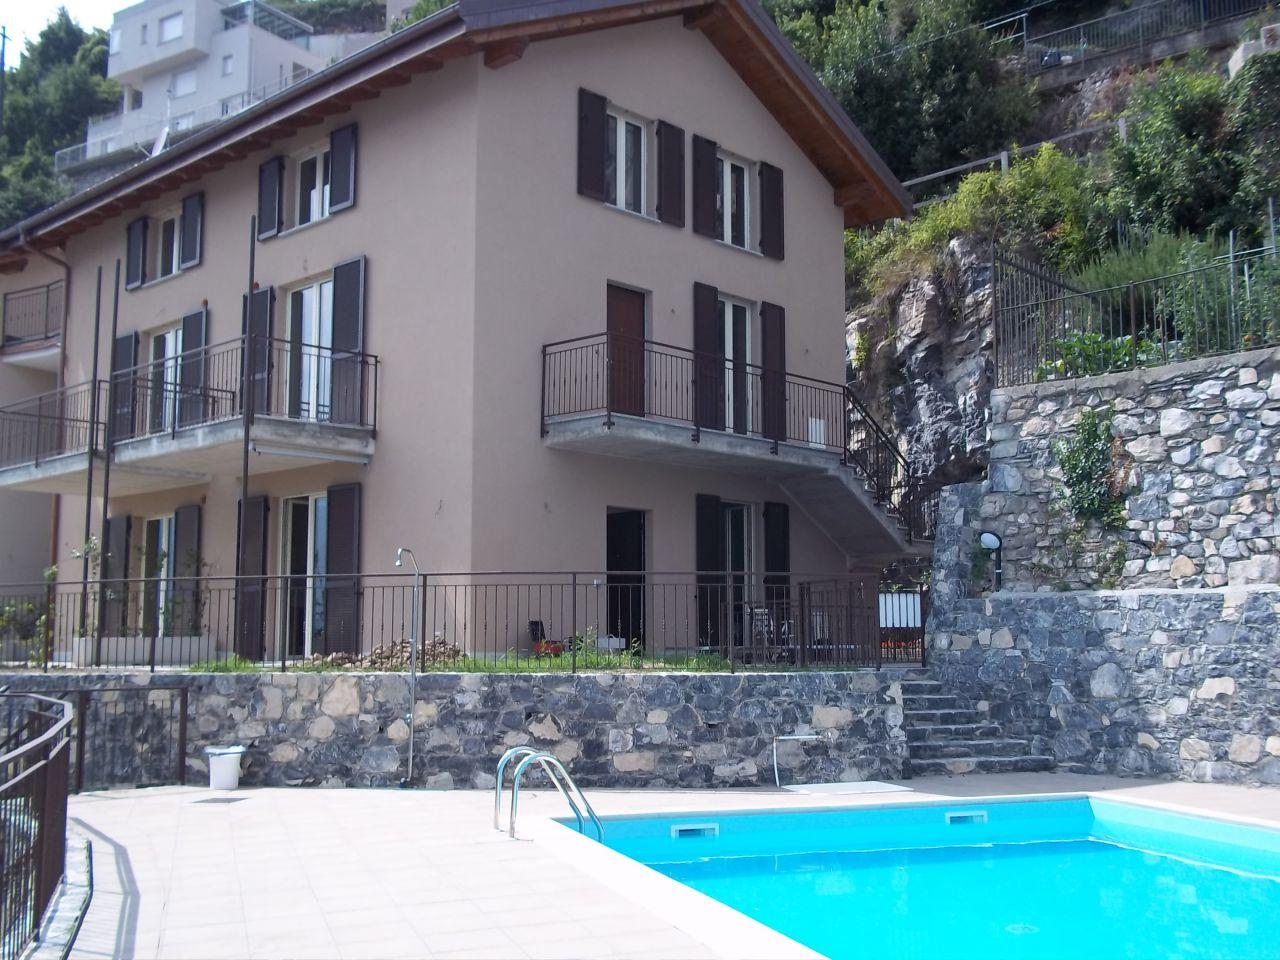 Квартира у озера Комо, Италия - фото 1